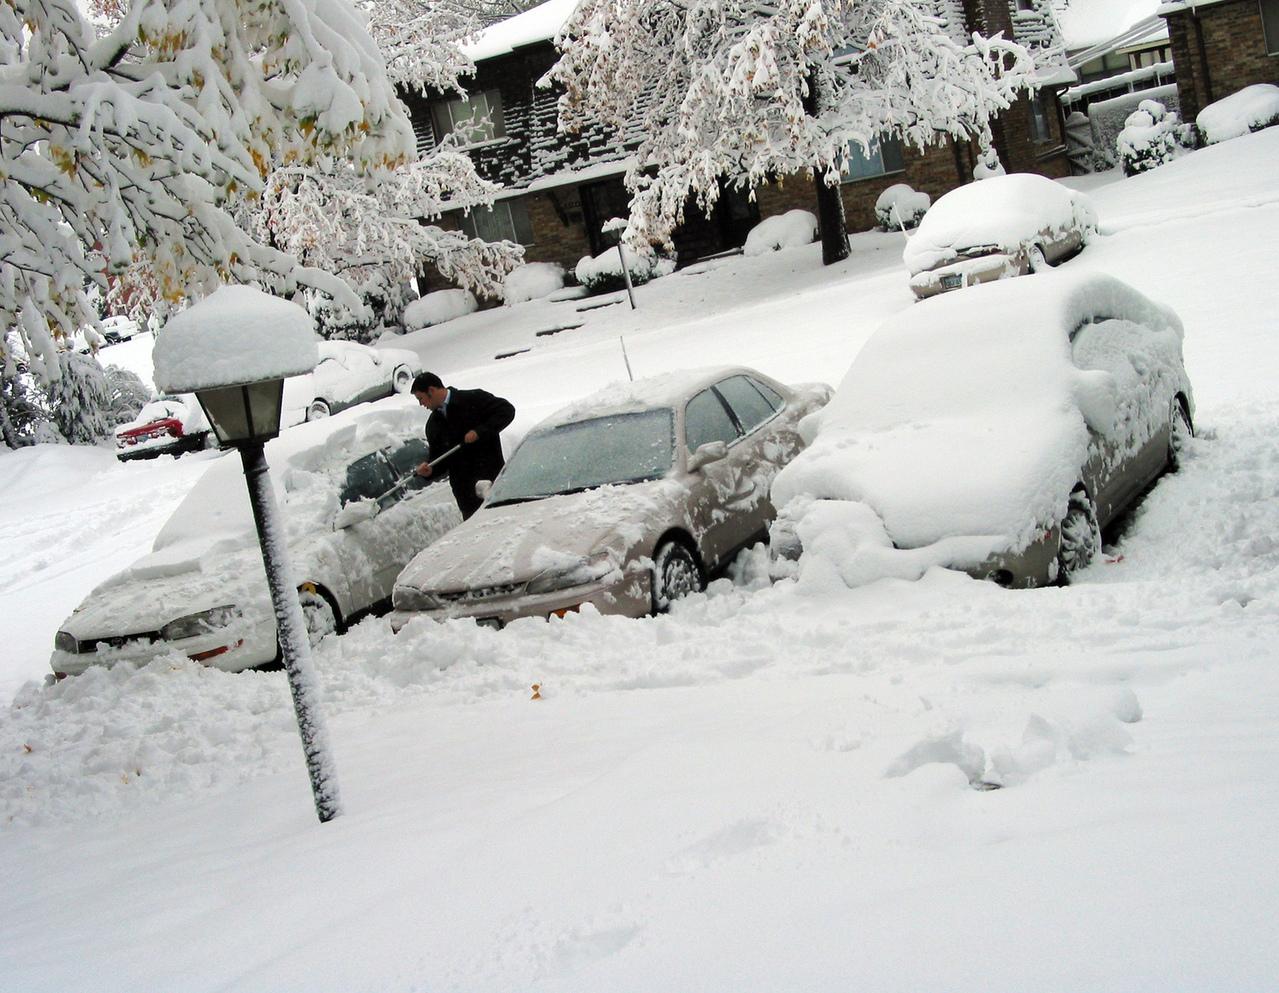 Autojuhi 5 abilist talvistes oludes sõitmiseks